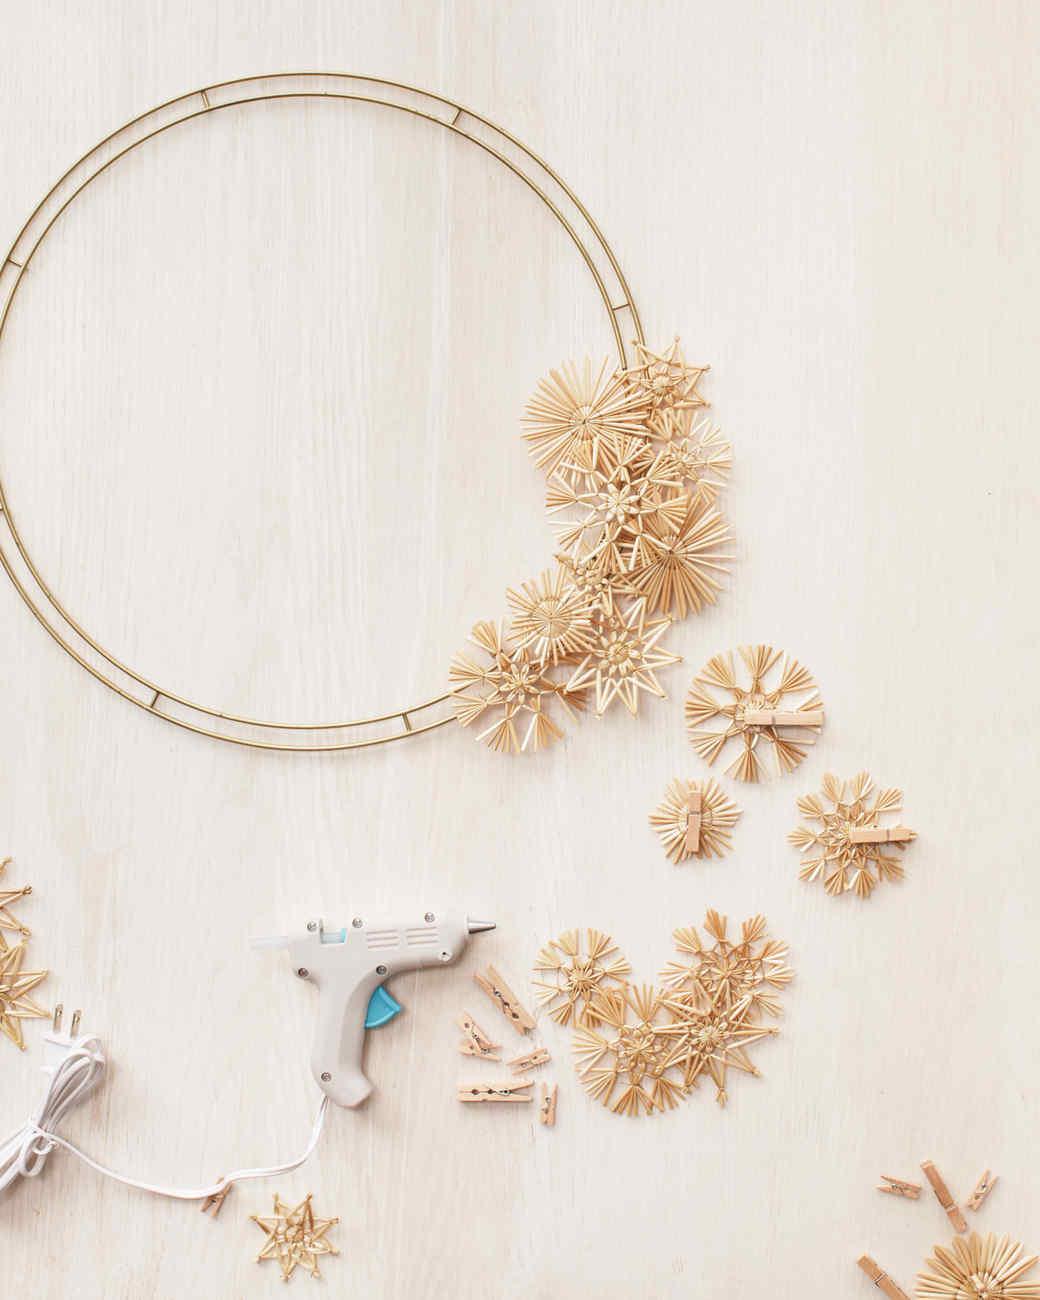 straw-wreath-mld107927.jpg